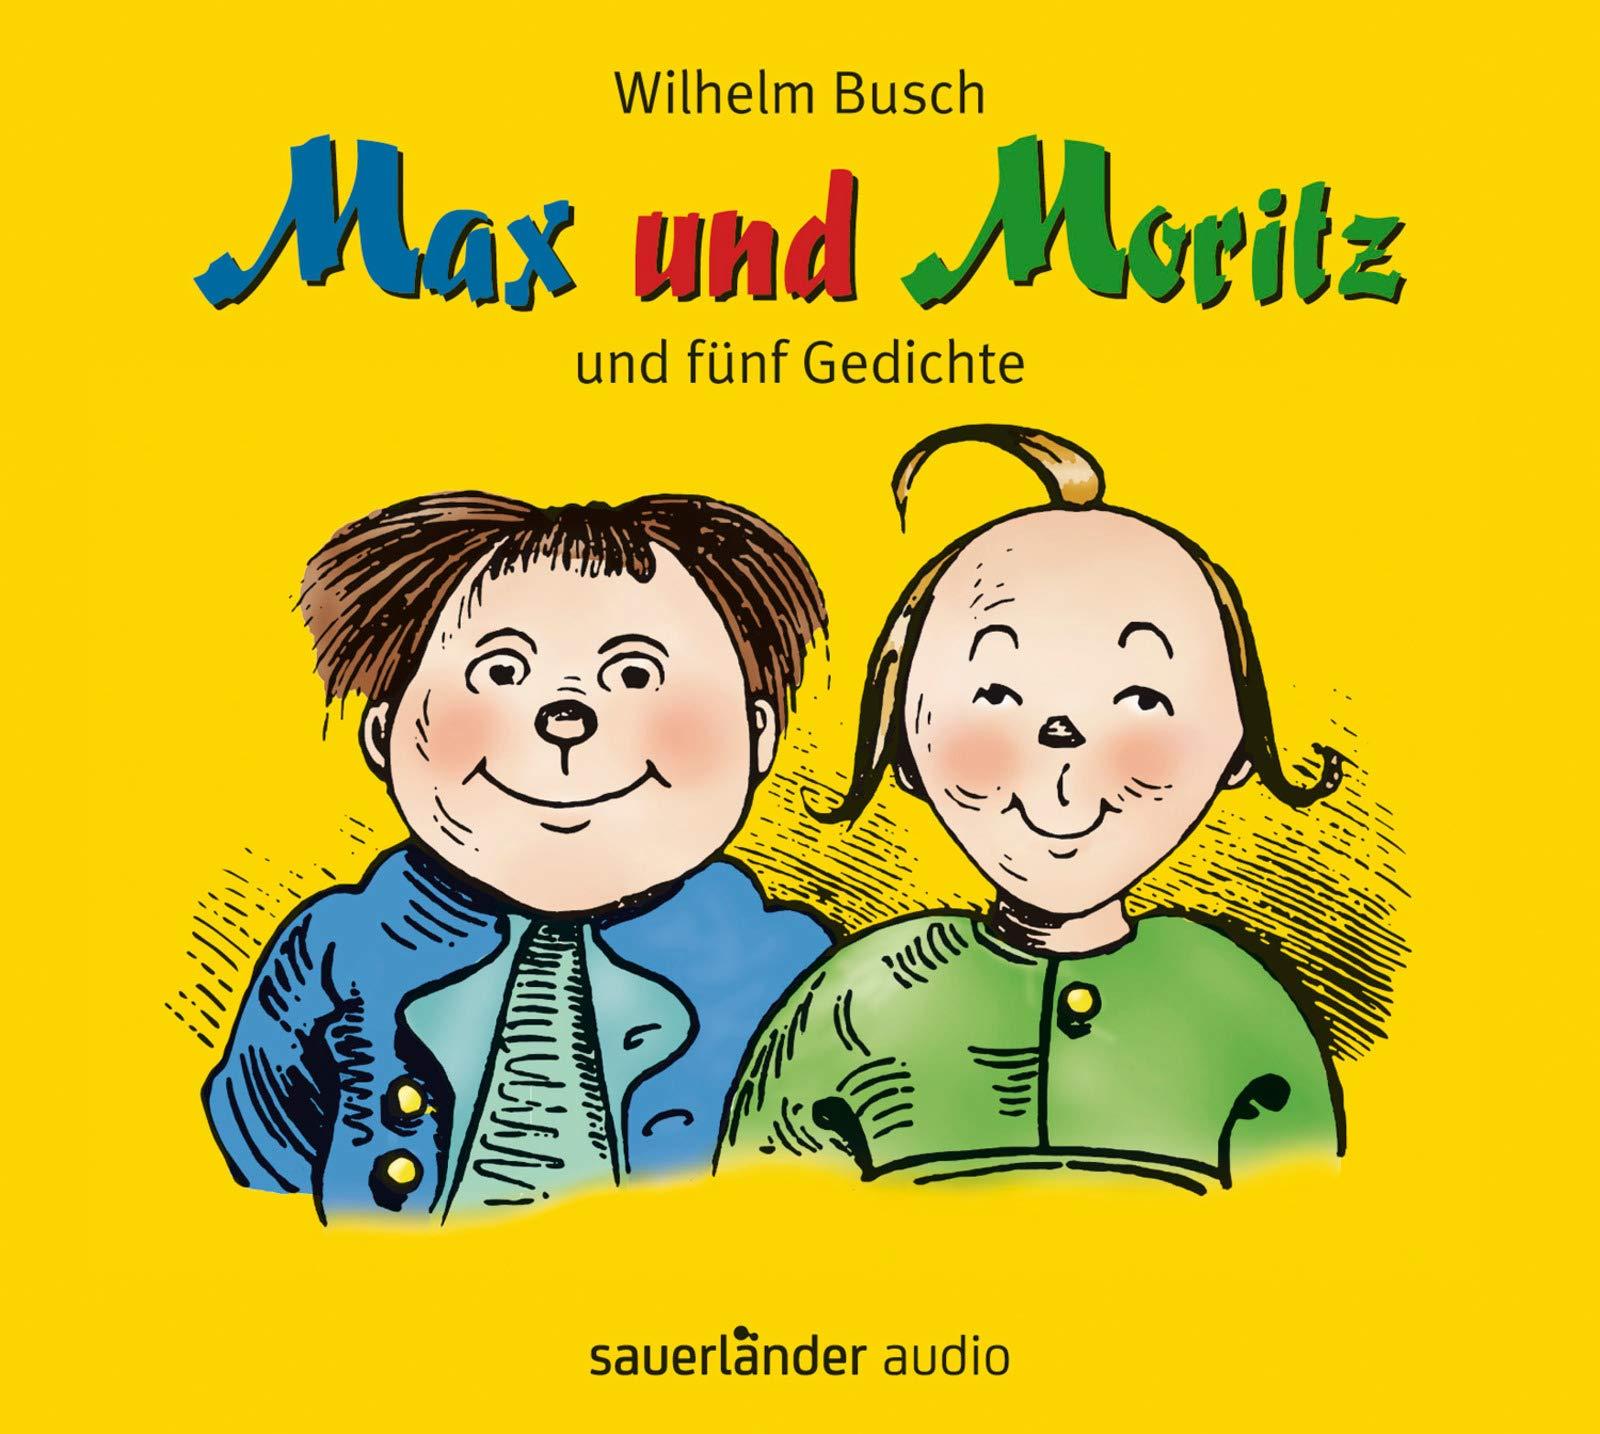 Gedichte wilhelm busch max und moritz